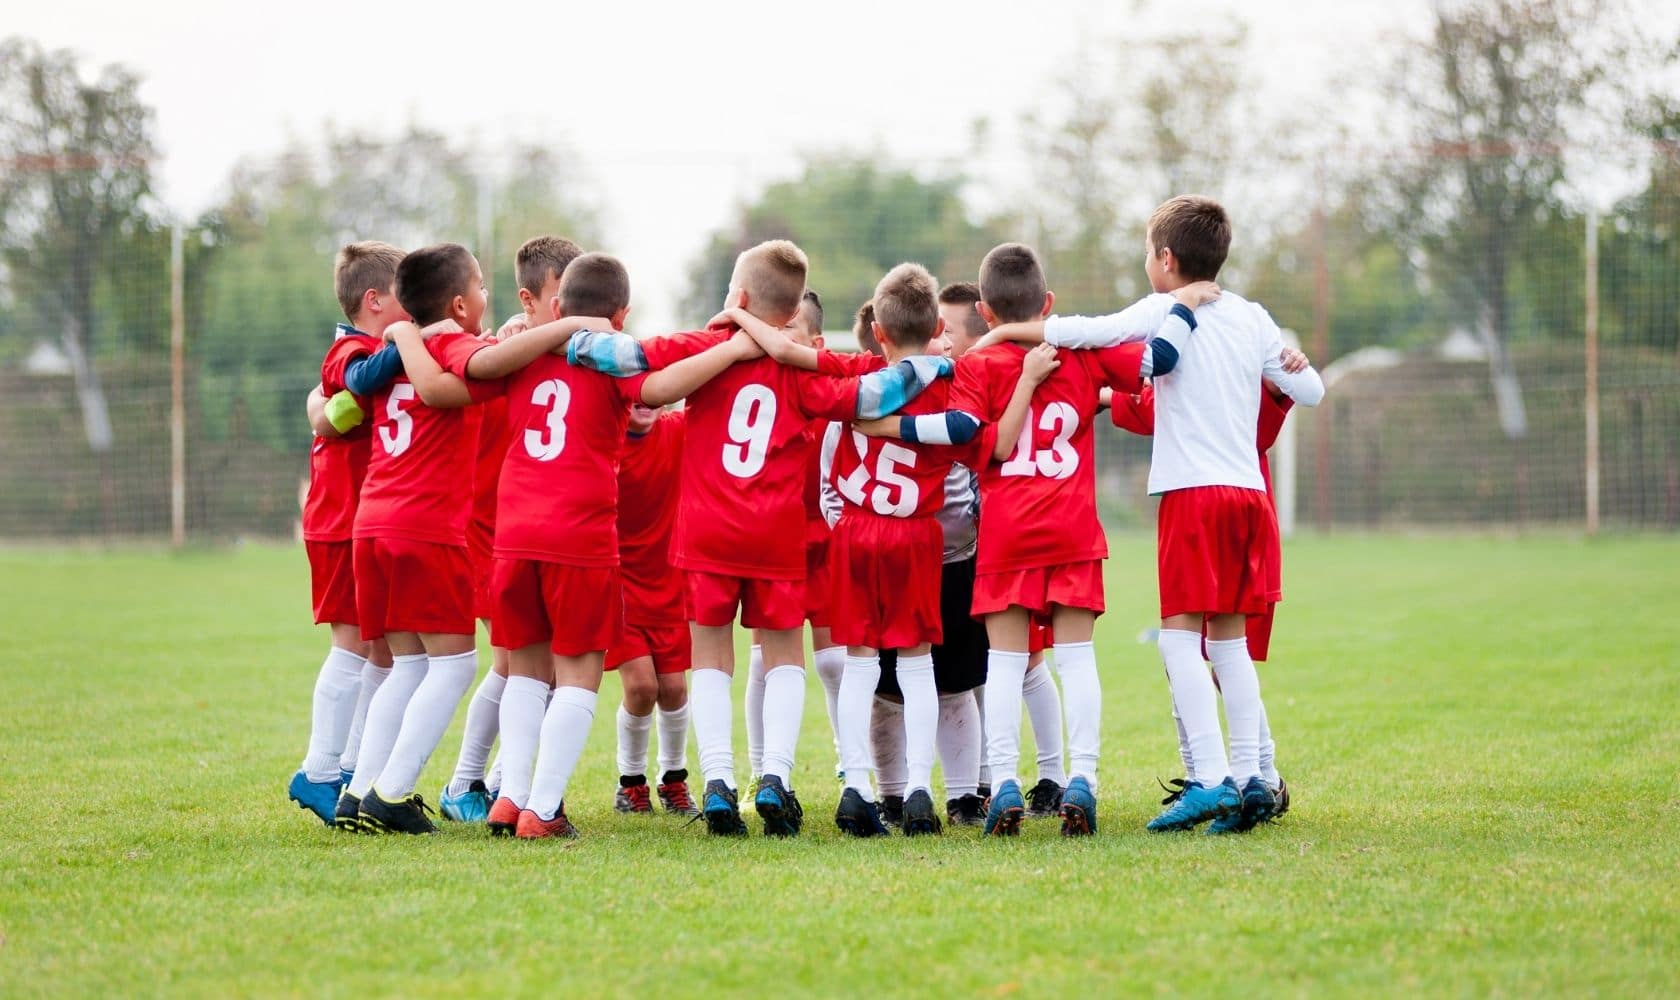 kids training soccer